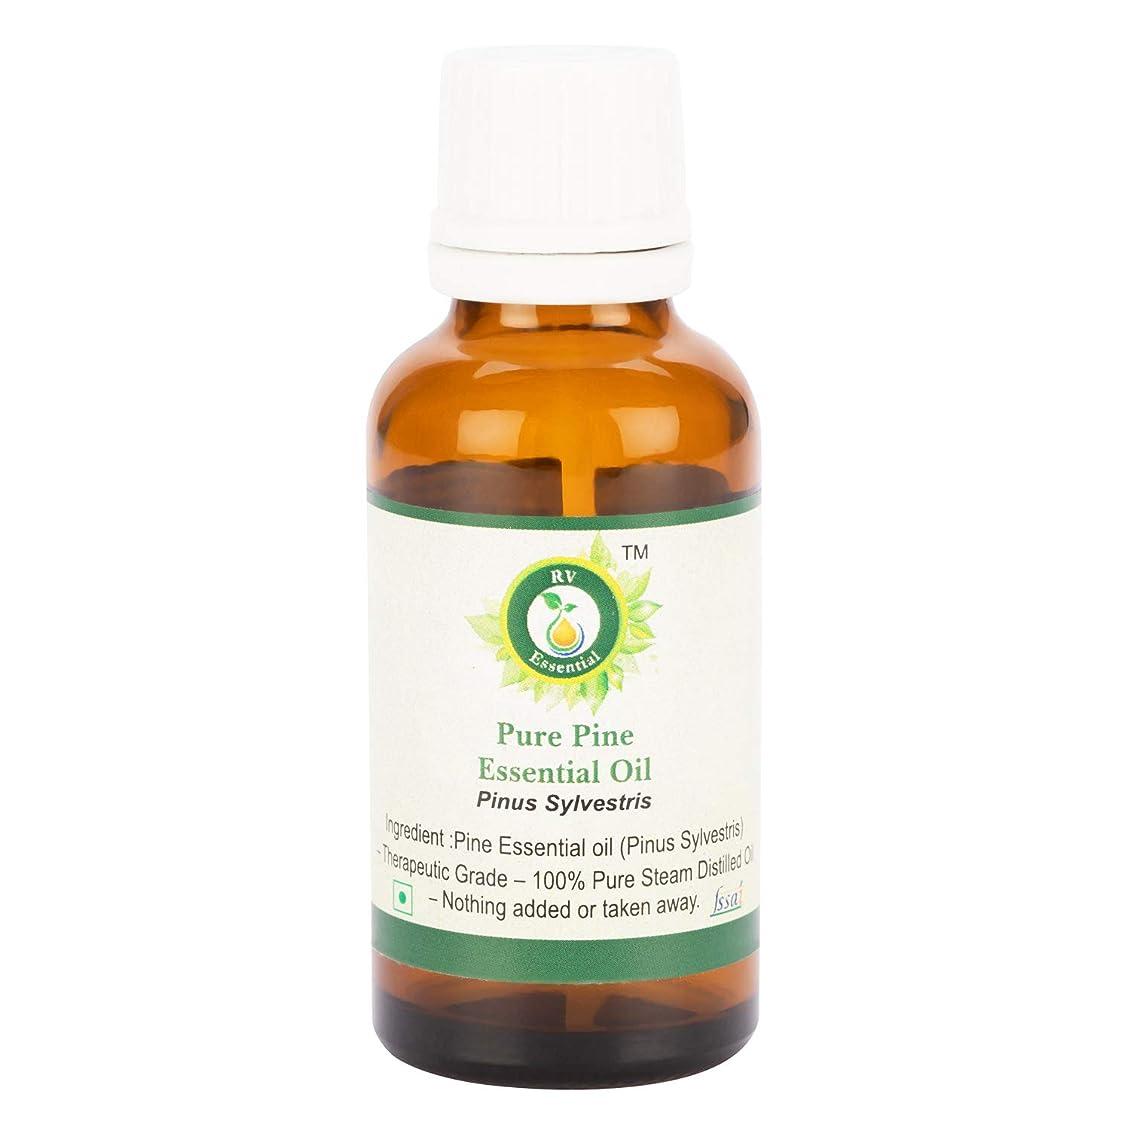 ジャーナリスト留め金教ピュアパインエッセンシャルオイル300ml (10oz)- Pinus Sylvestris (100%純粋&天然スチームDistilled) Pure Pine Essential Oil